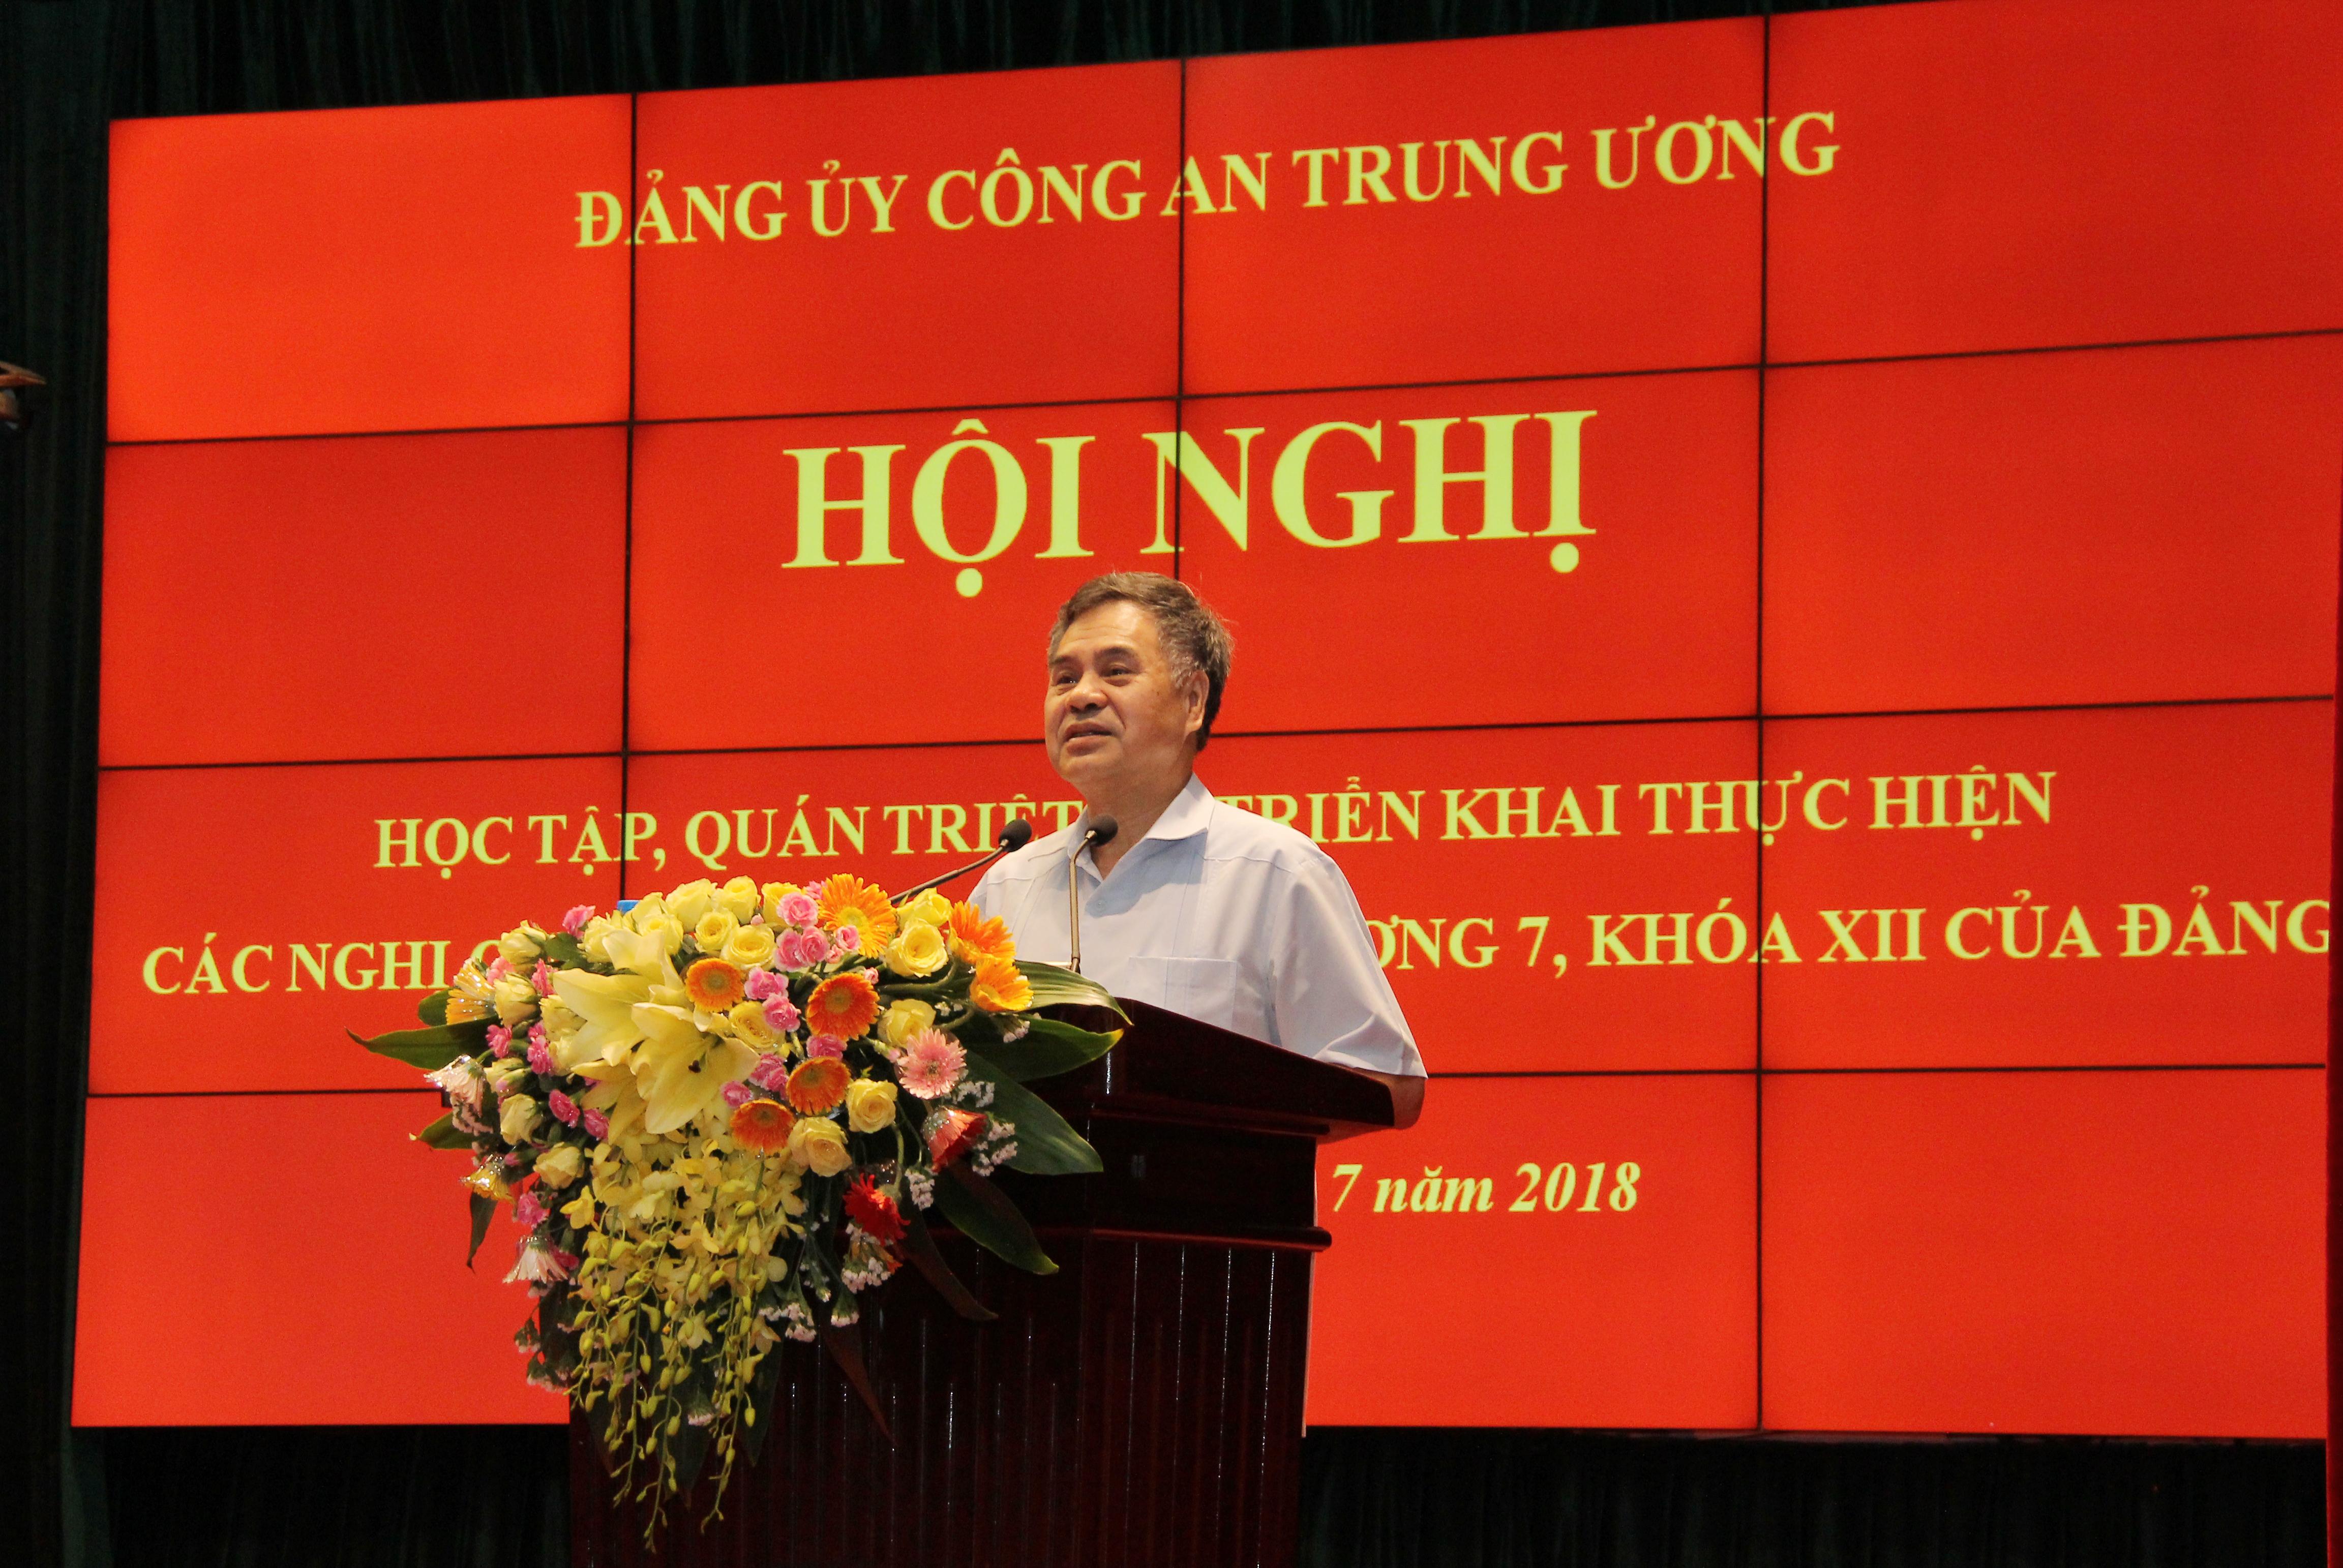 Bộ Công an triển khai thực hiện các Nghị quyết Hội nghị Trung ương 7